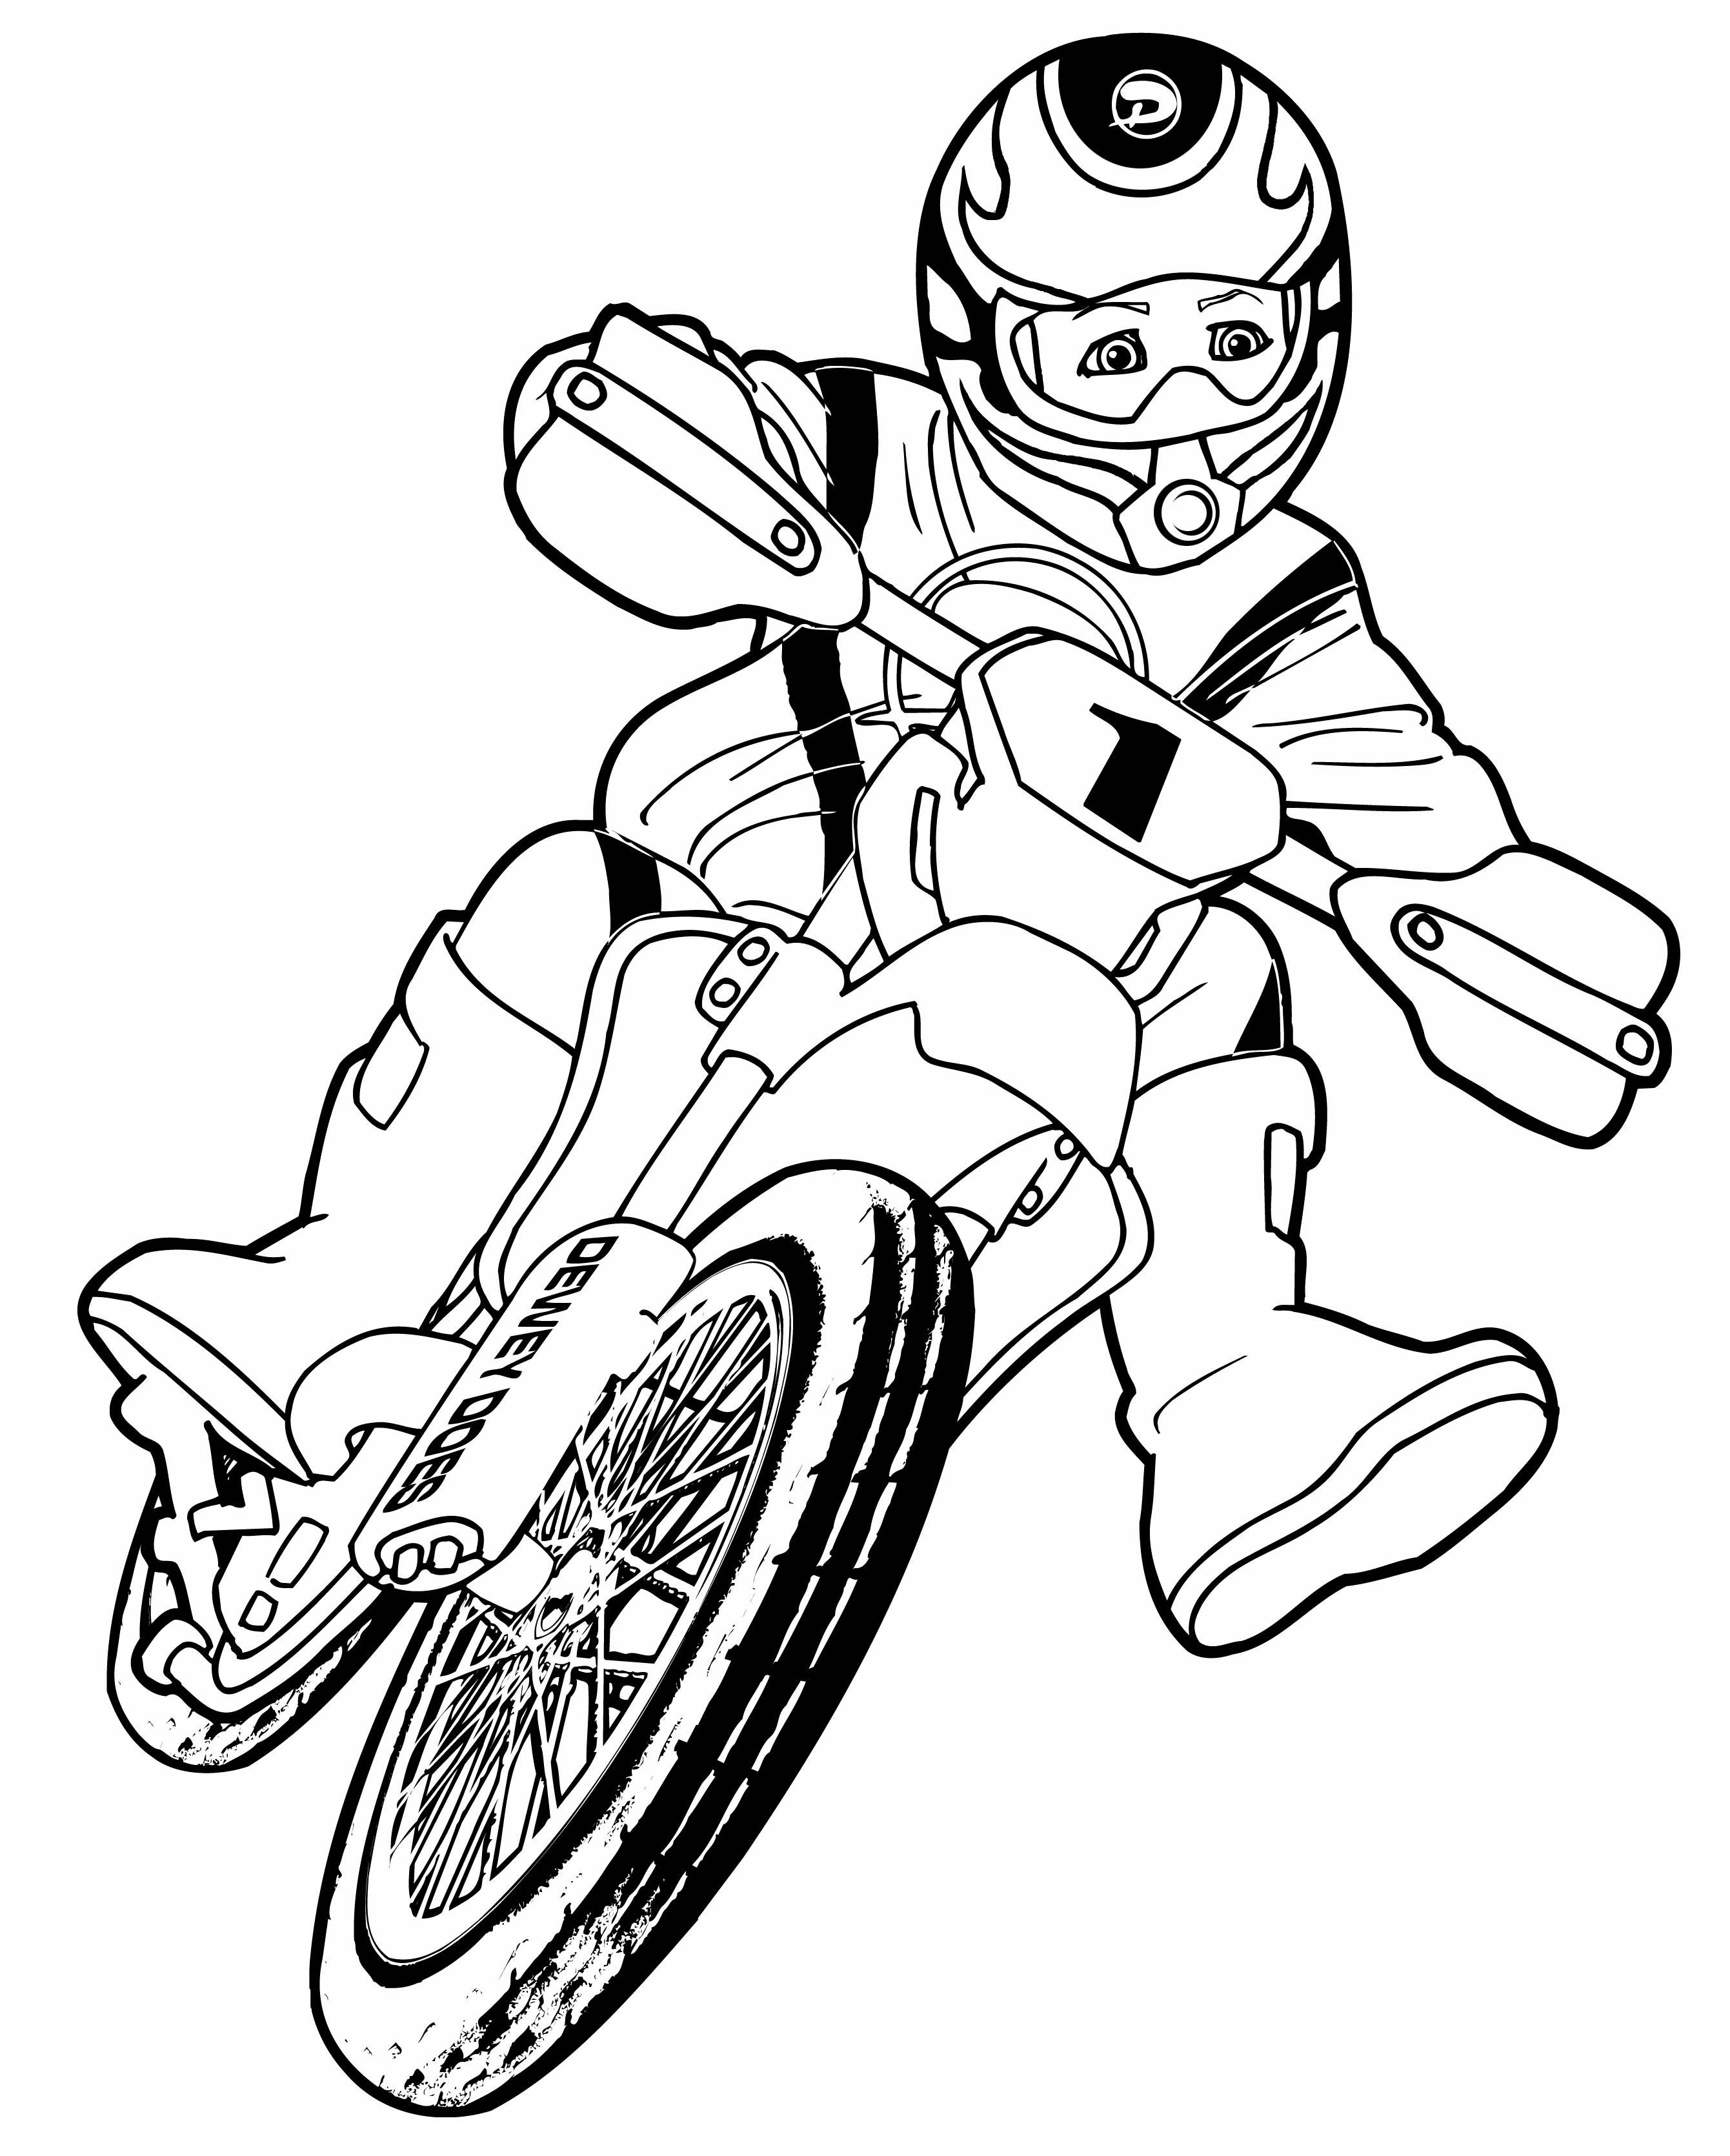 Coloriage Moto Cross Motocross À Imprimer avec Dessin De Moto Ktm